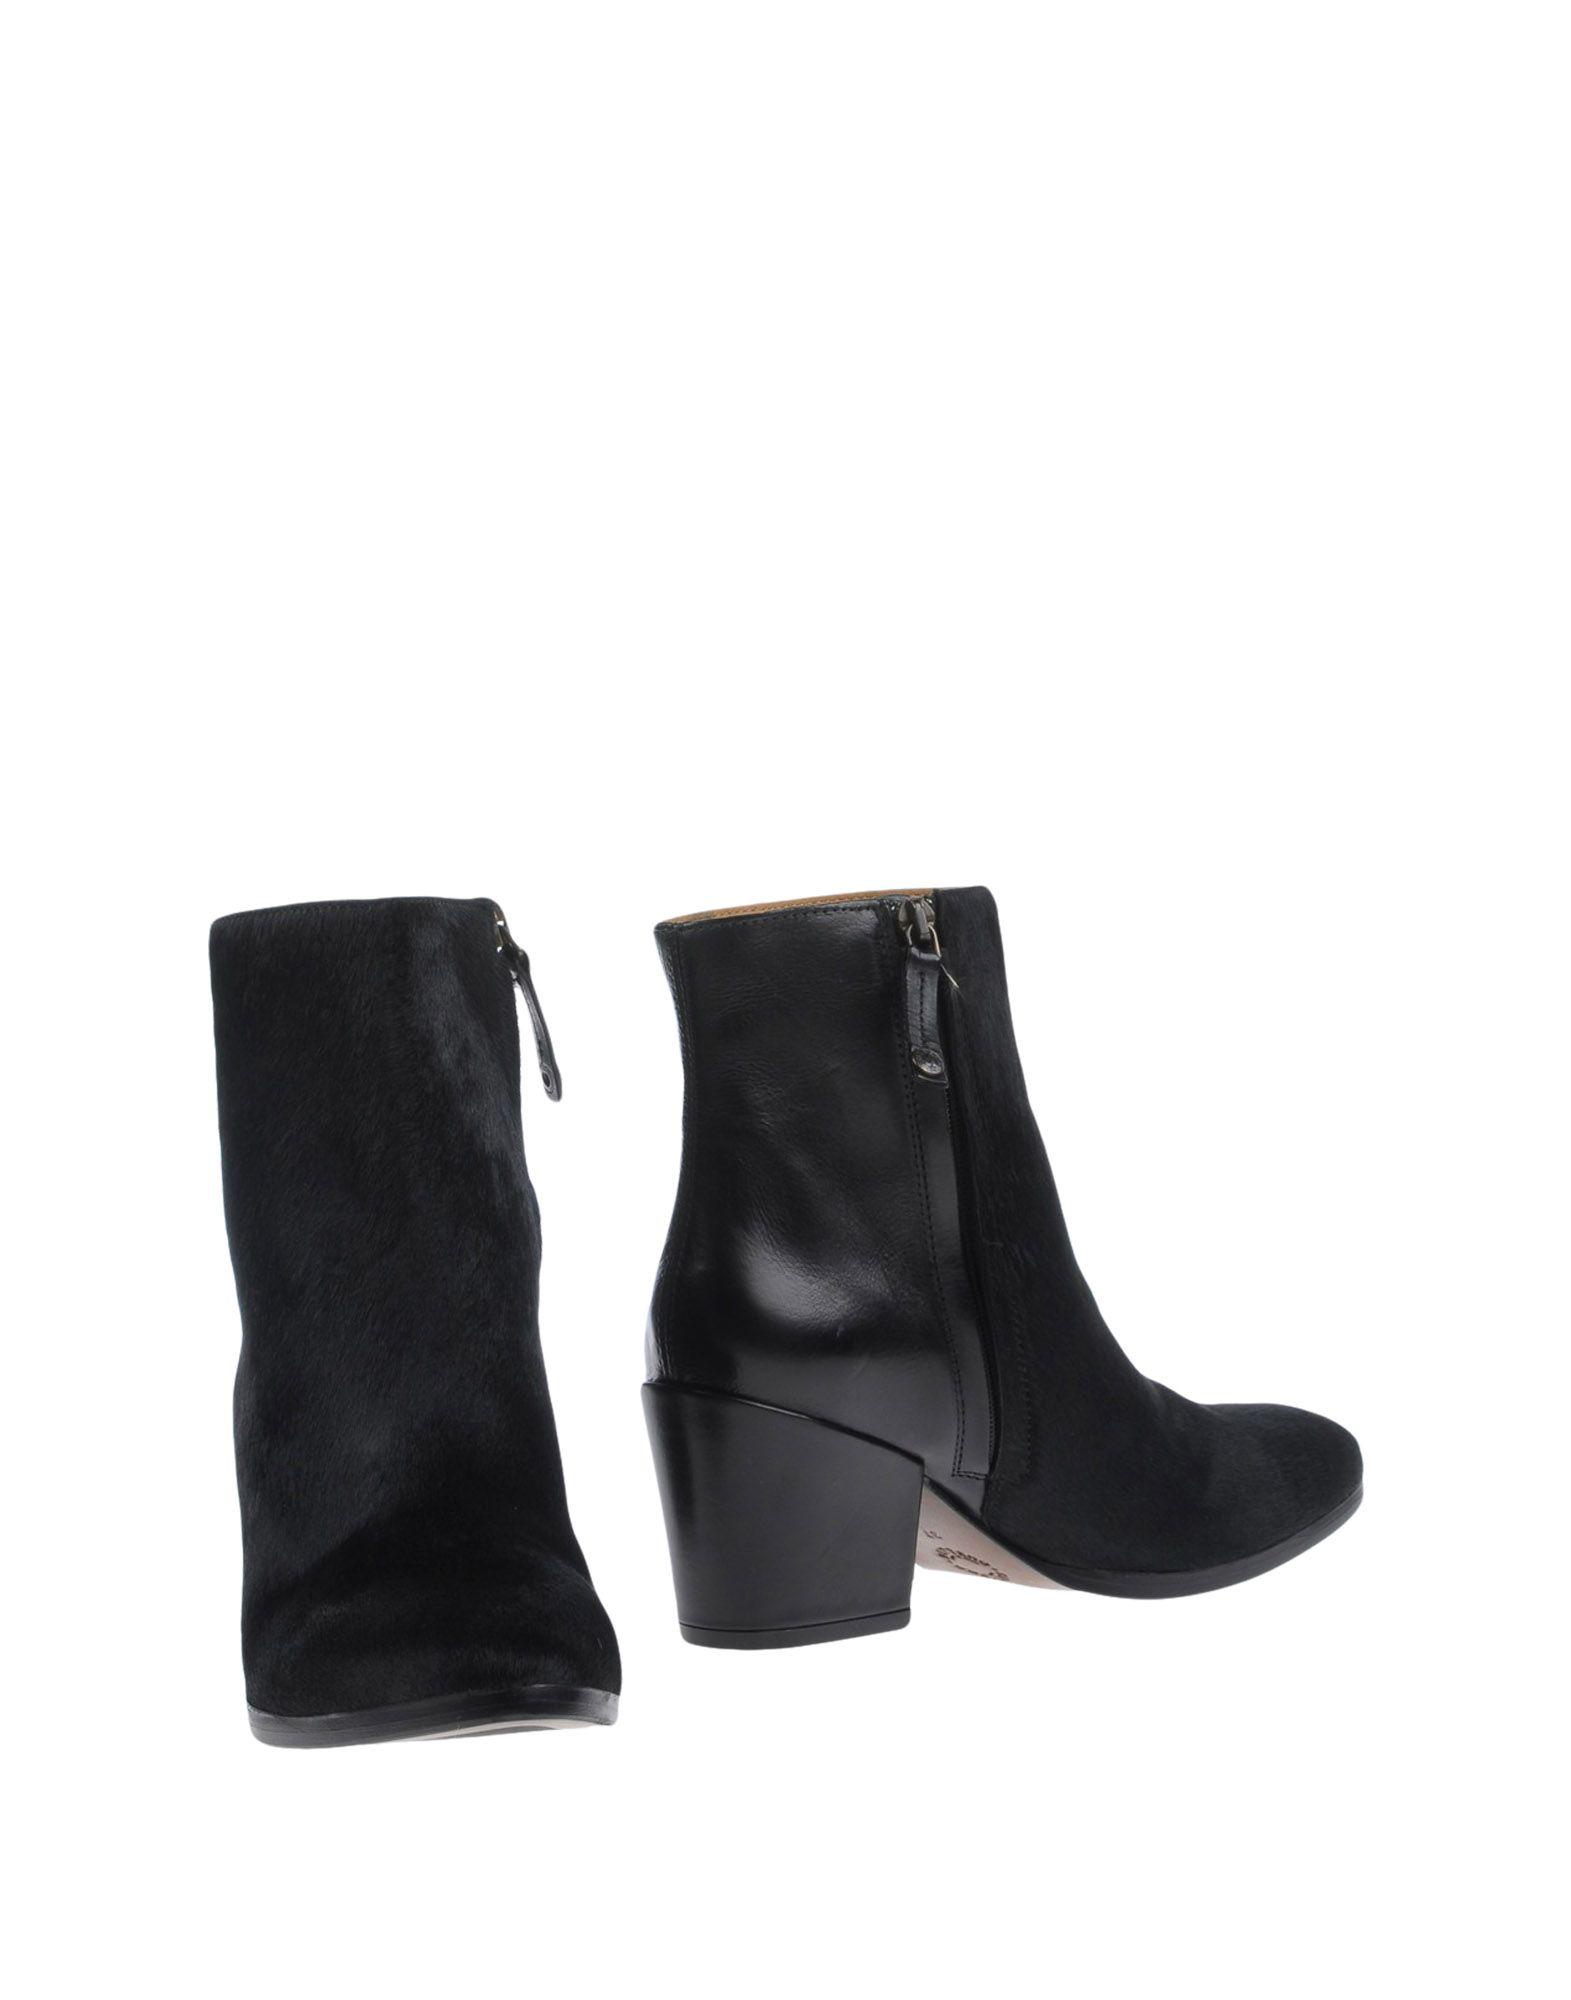 Stilvolle billige Stiefelette Schuhe Buttero® Stiefelette billige Damen  11294897FE 2ef165